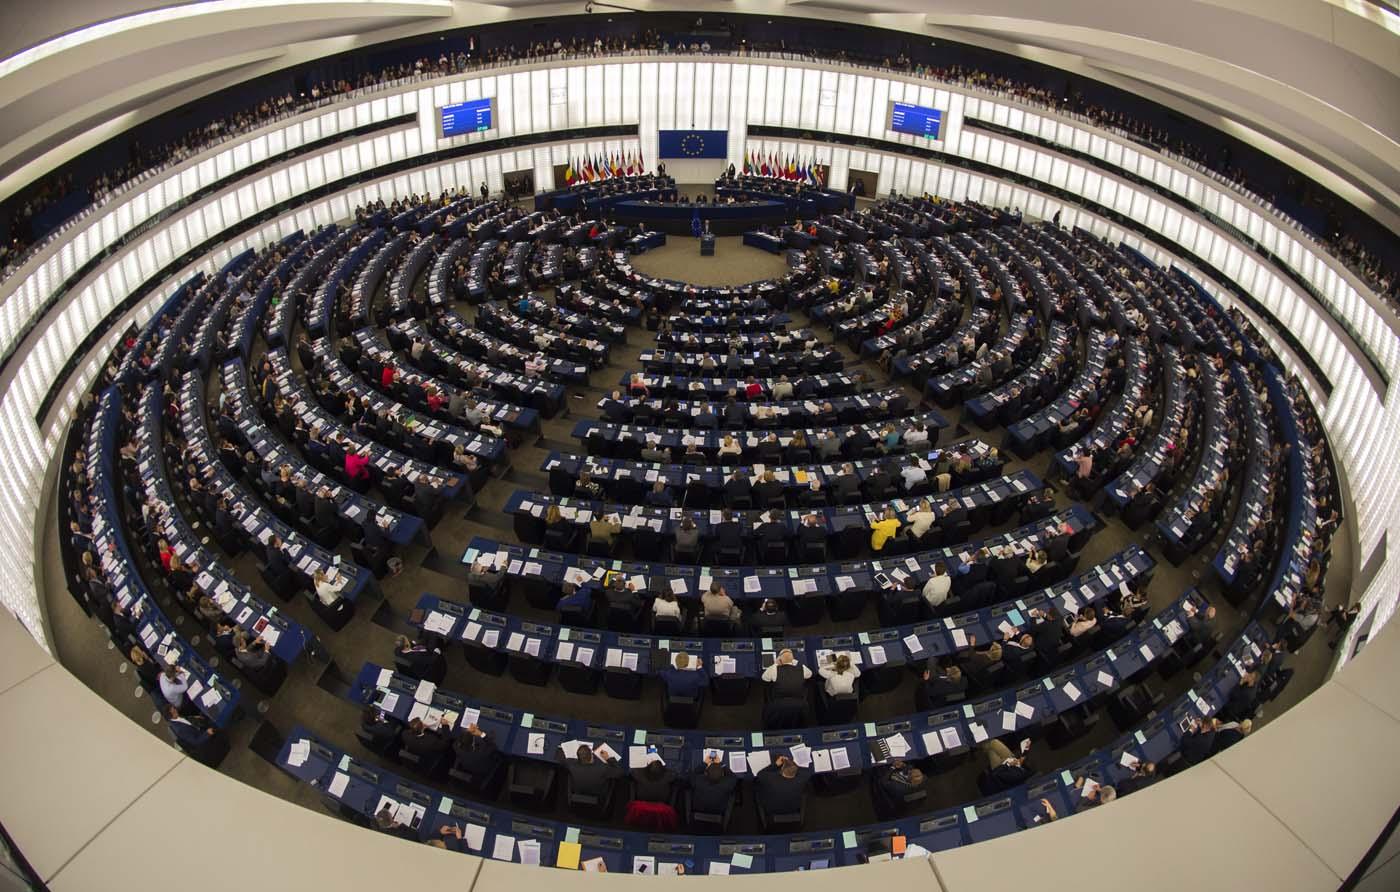 Parlamento Europeo pide suspender elecciones presidenciales en Venezuela